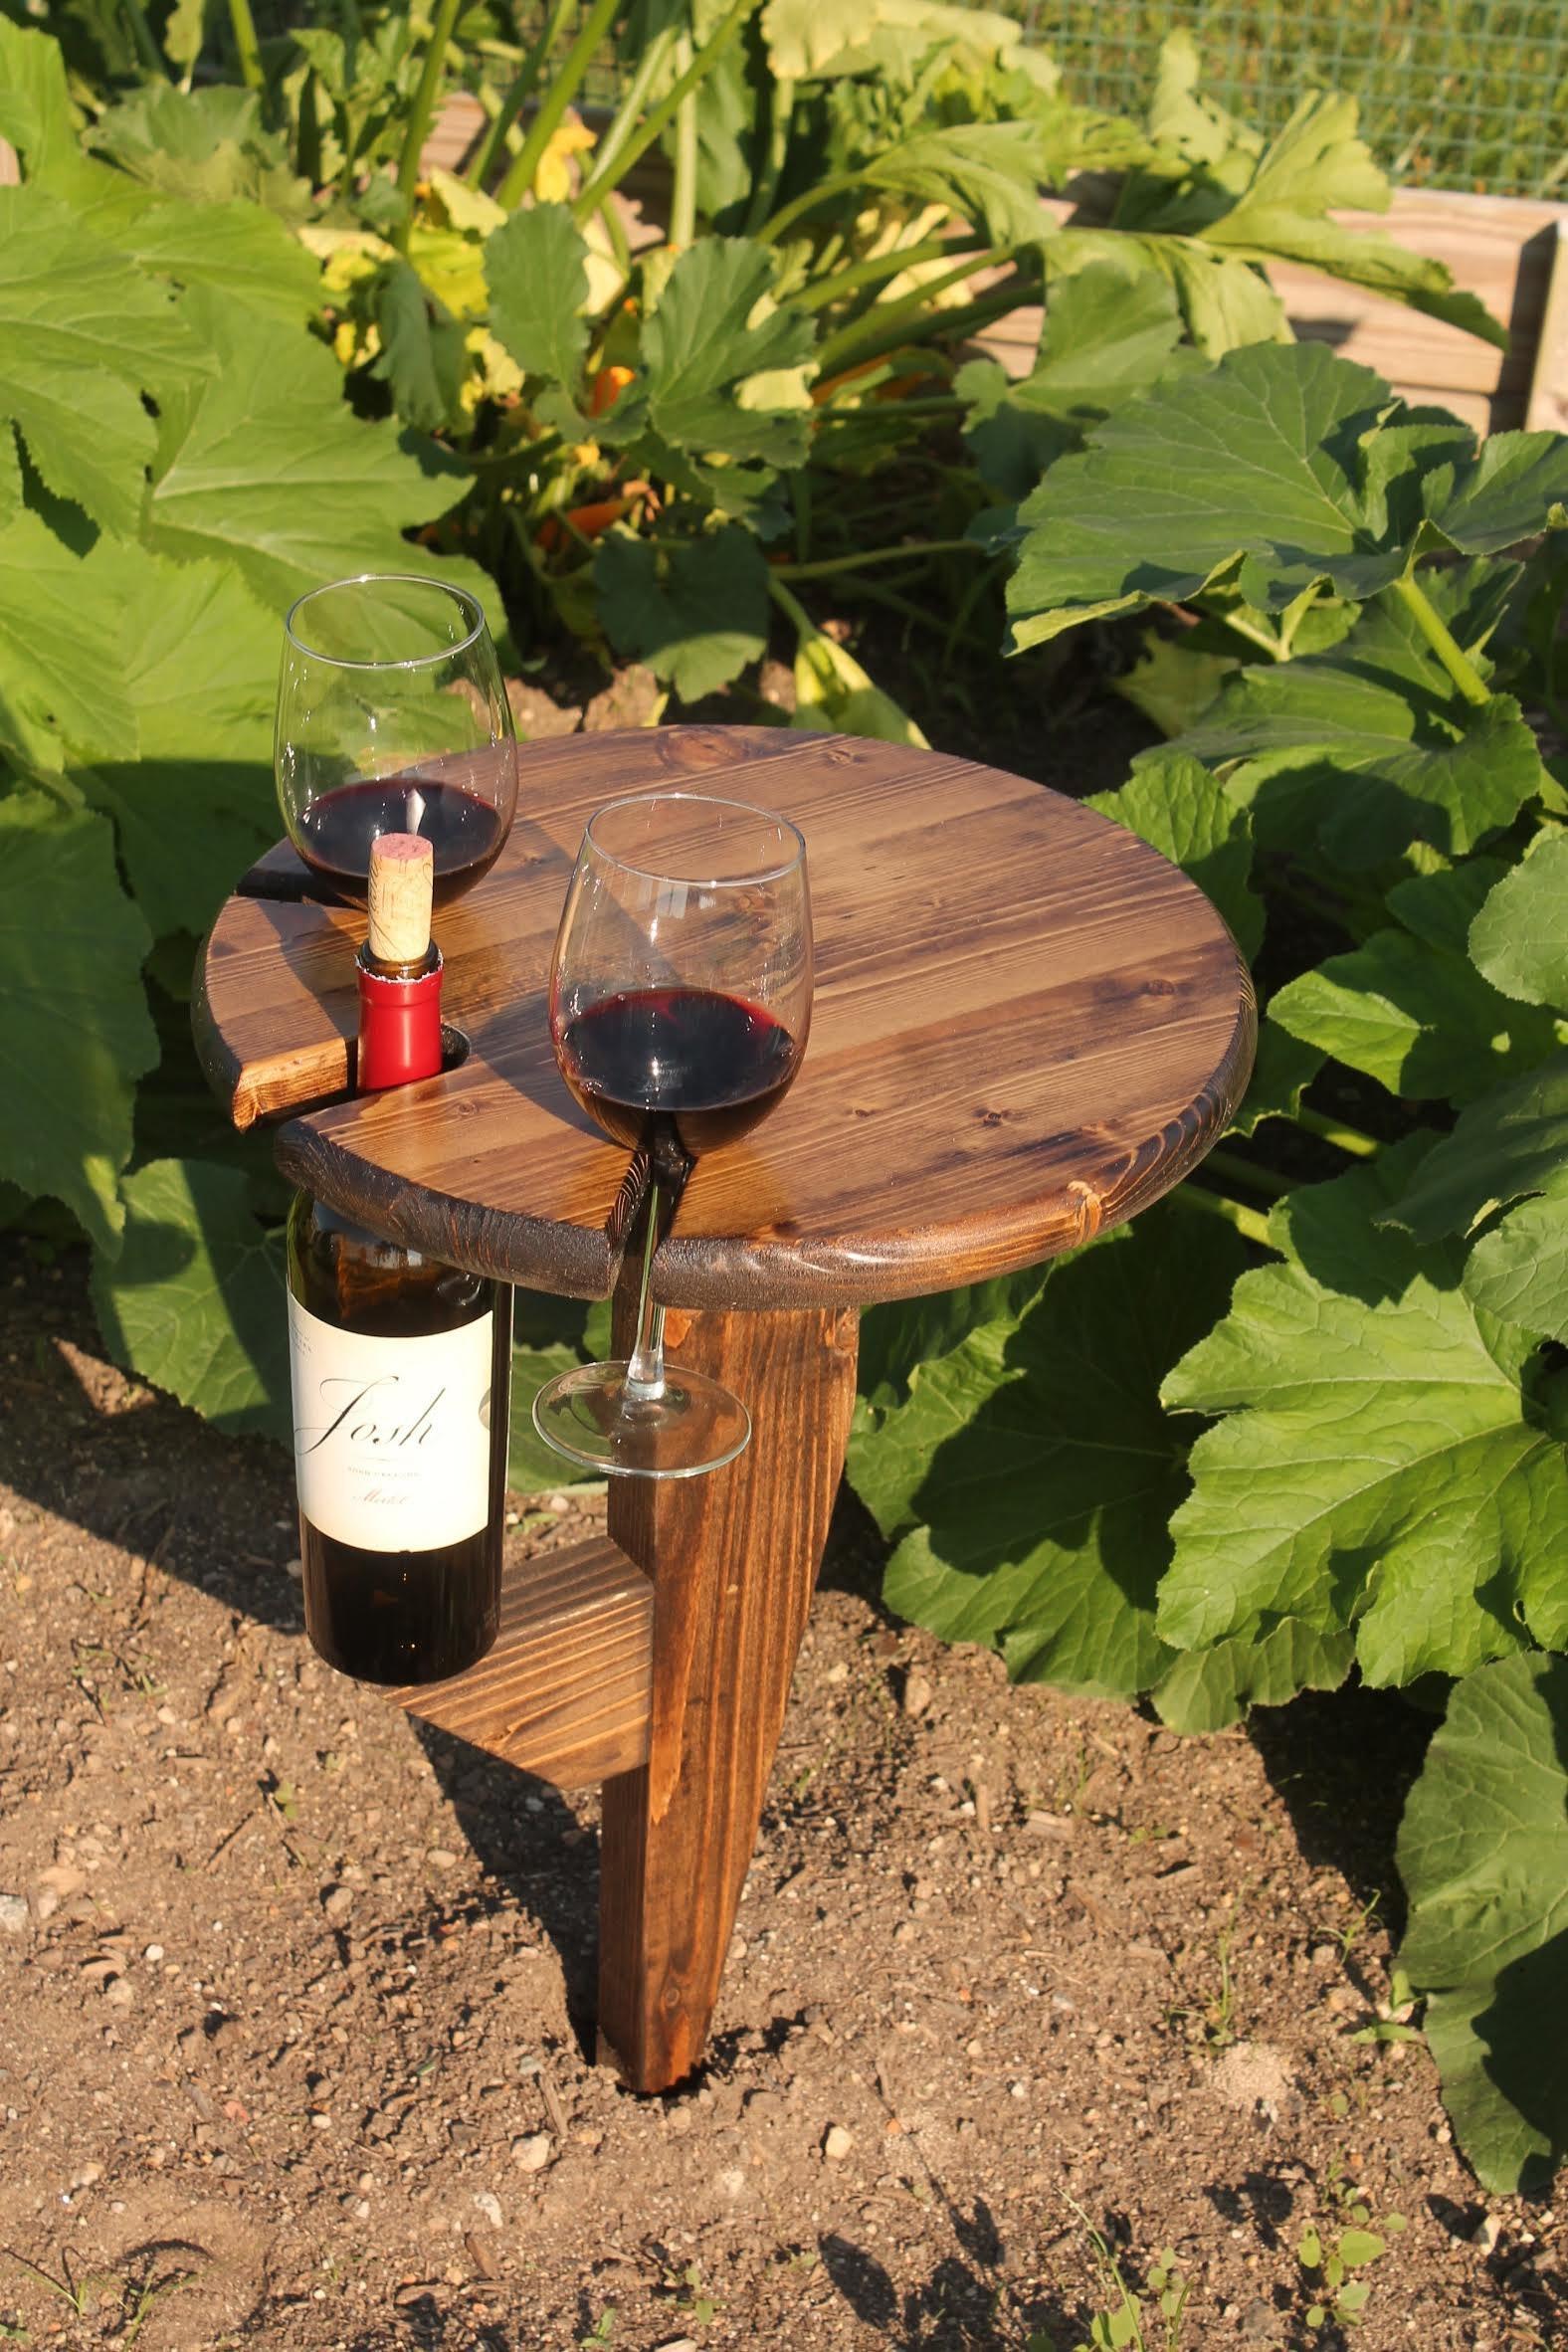 wein tisch tisch im freien wein wein picknick tisch outdoor etsy. Black Bedroom Furniture Sets. Home Design Ideas